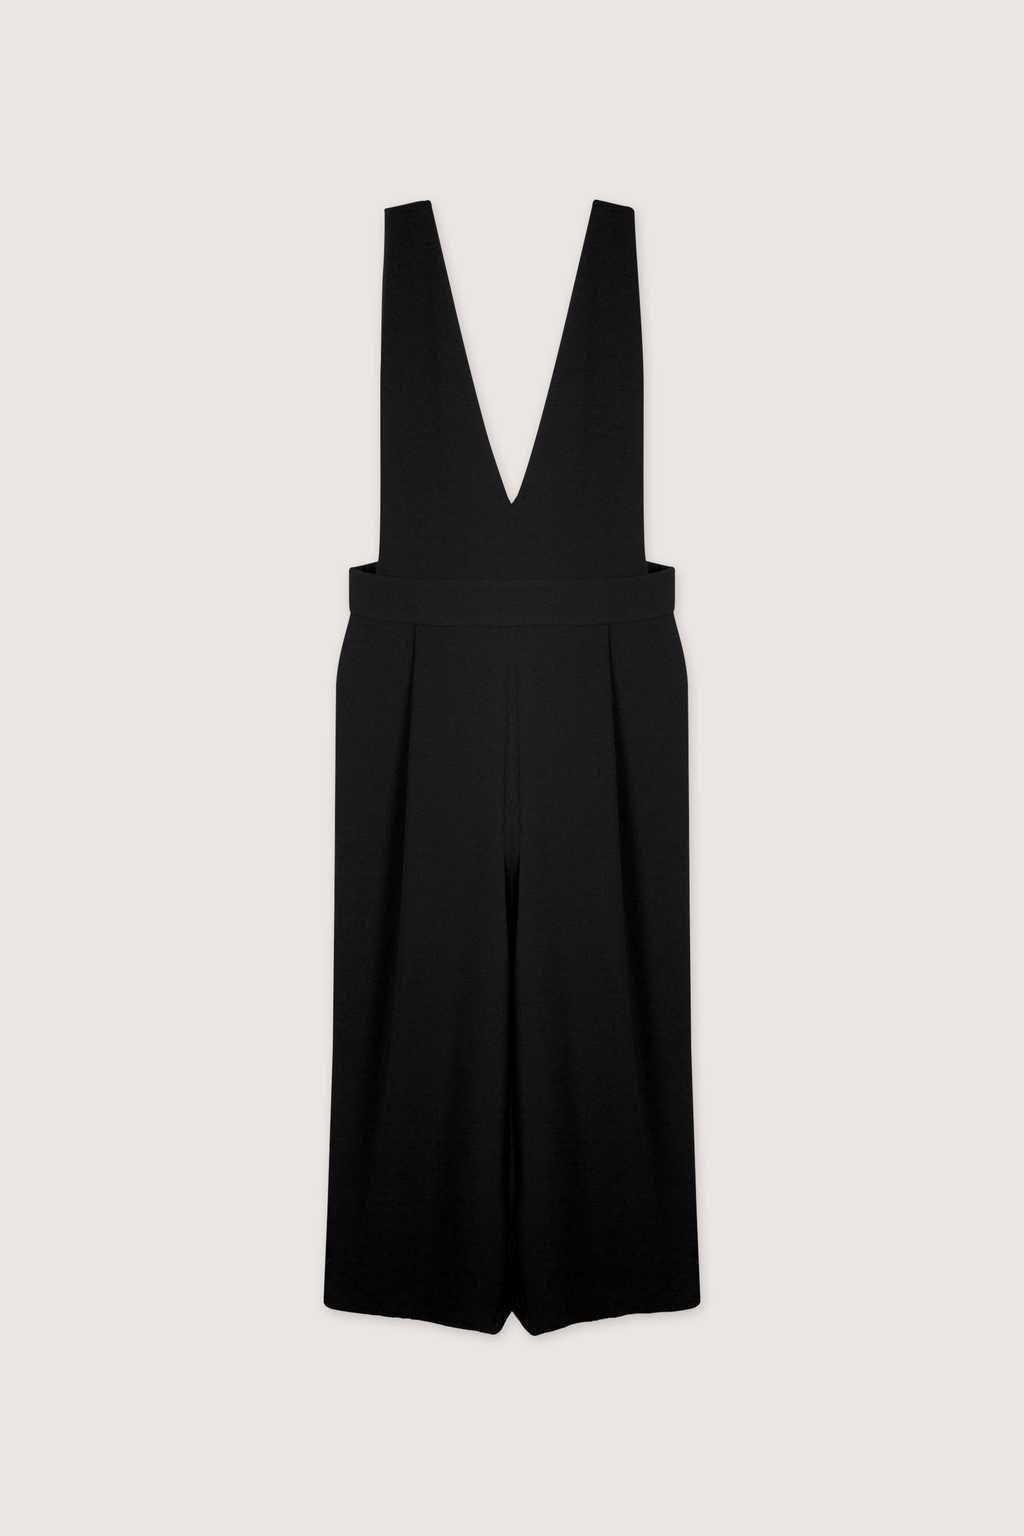 Jumpsuit 1679 Black 11